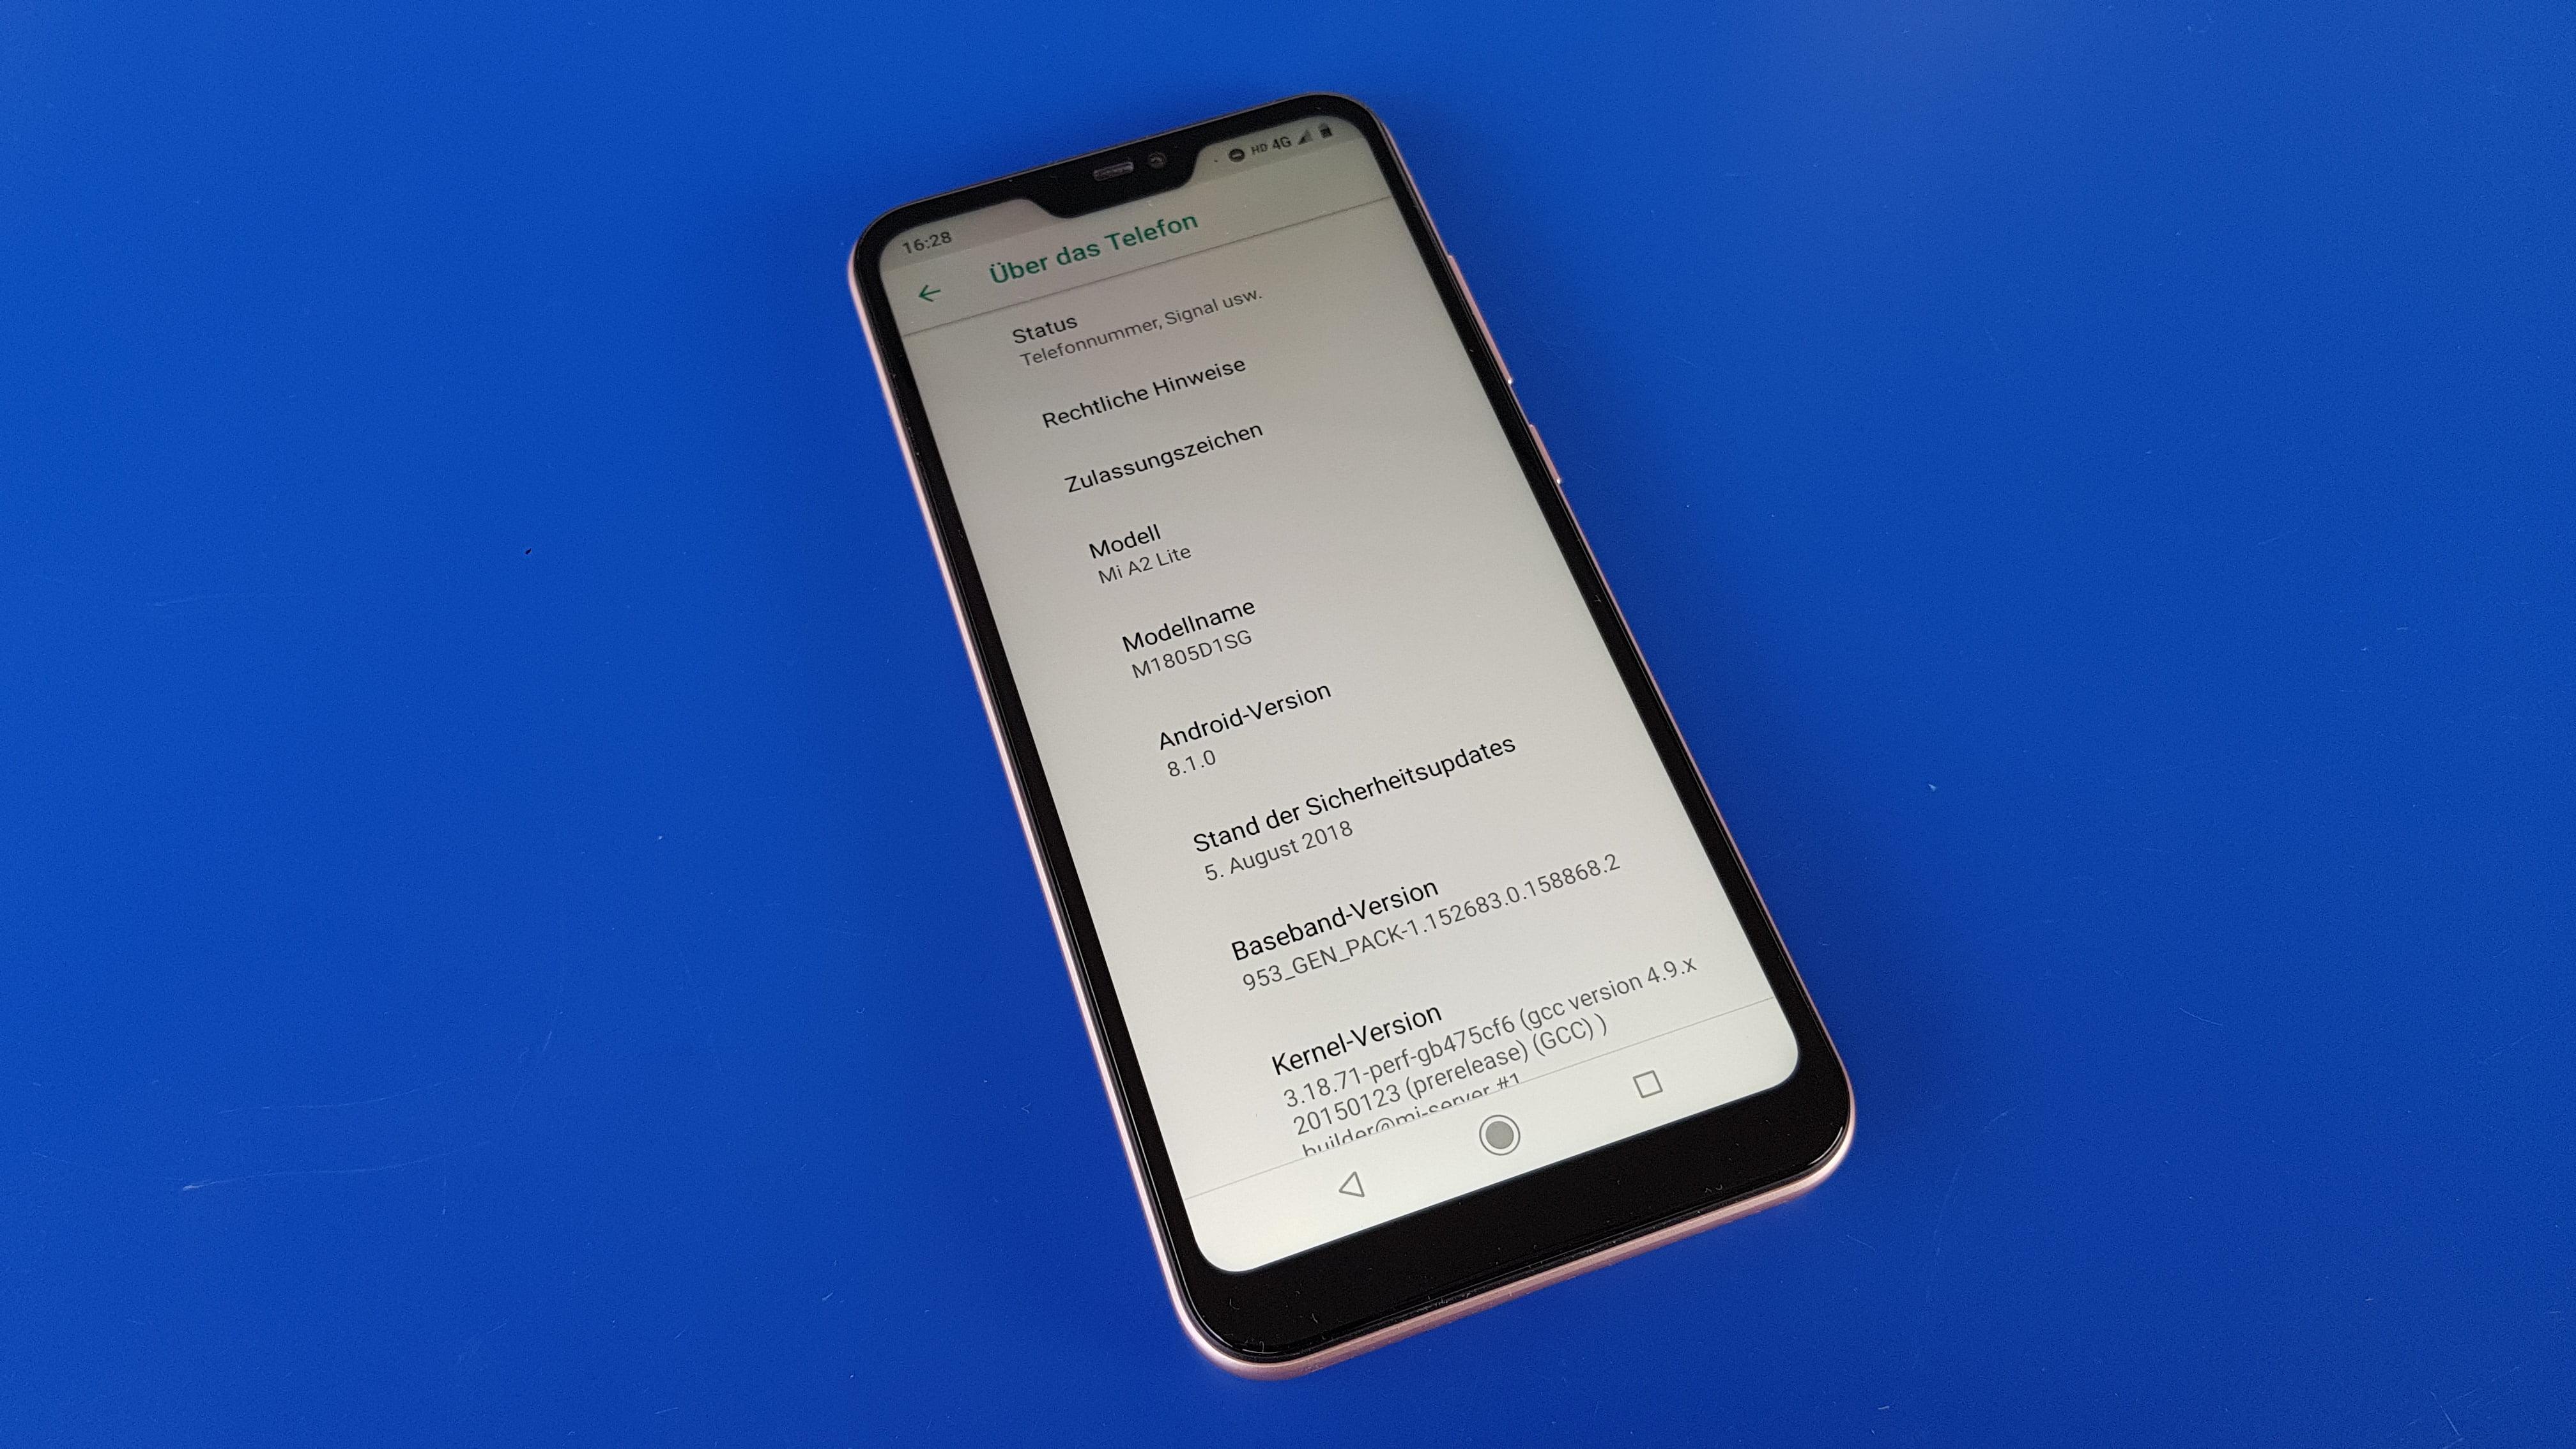 """In den Systemeinstellungen ist mir lediglich eine Anpassungen von Xiaomi aufgefallen Unter dem Menüpunkt """"Töne"""" gibt es den """"Headphones & audio effects"""""""